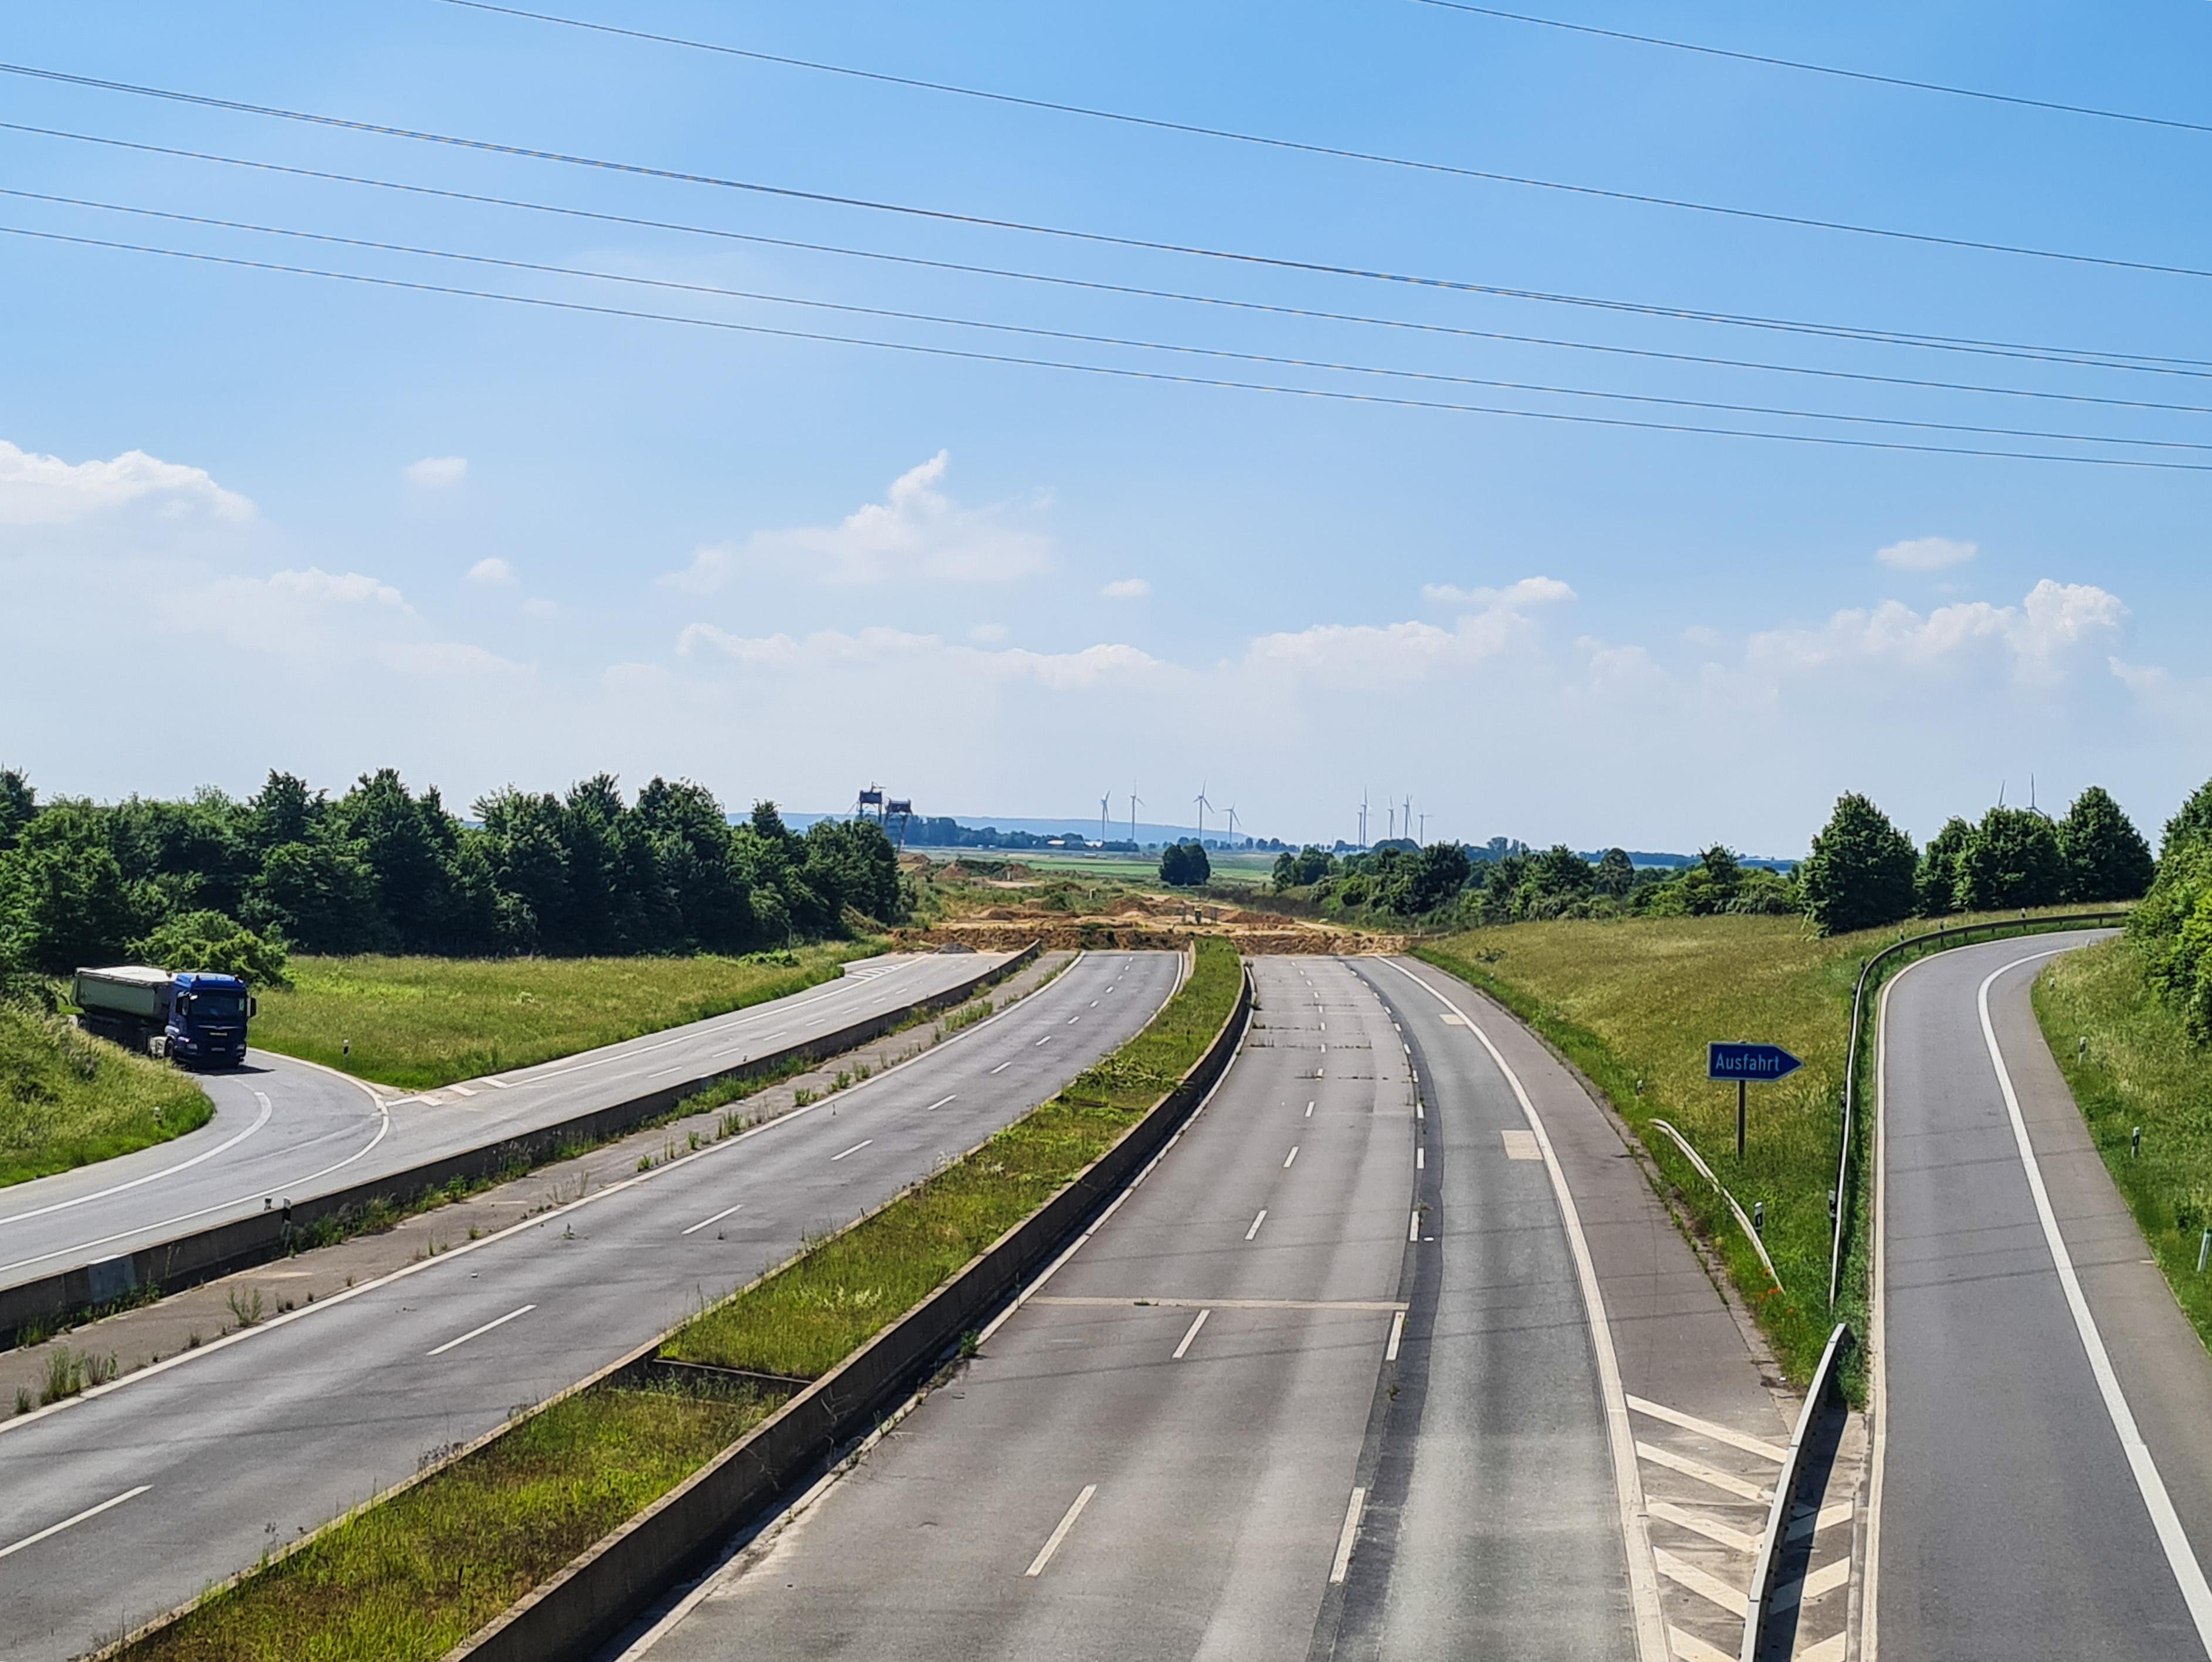 Autobahn Tagebau Garzweiler